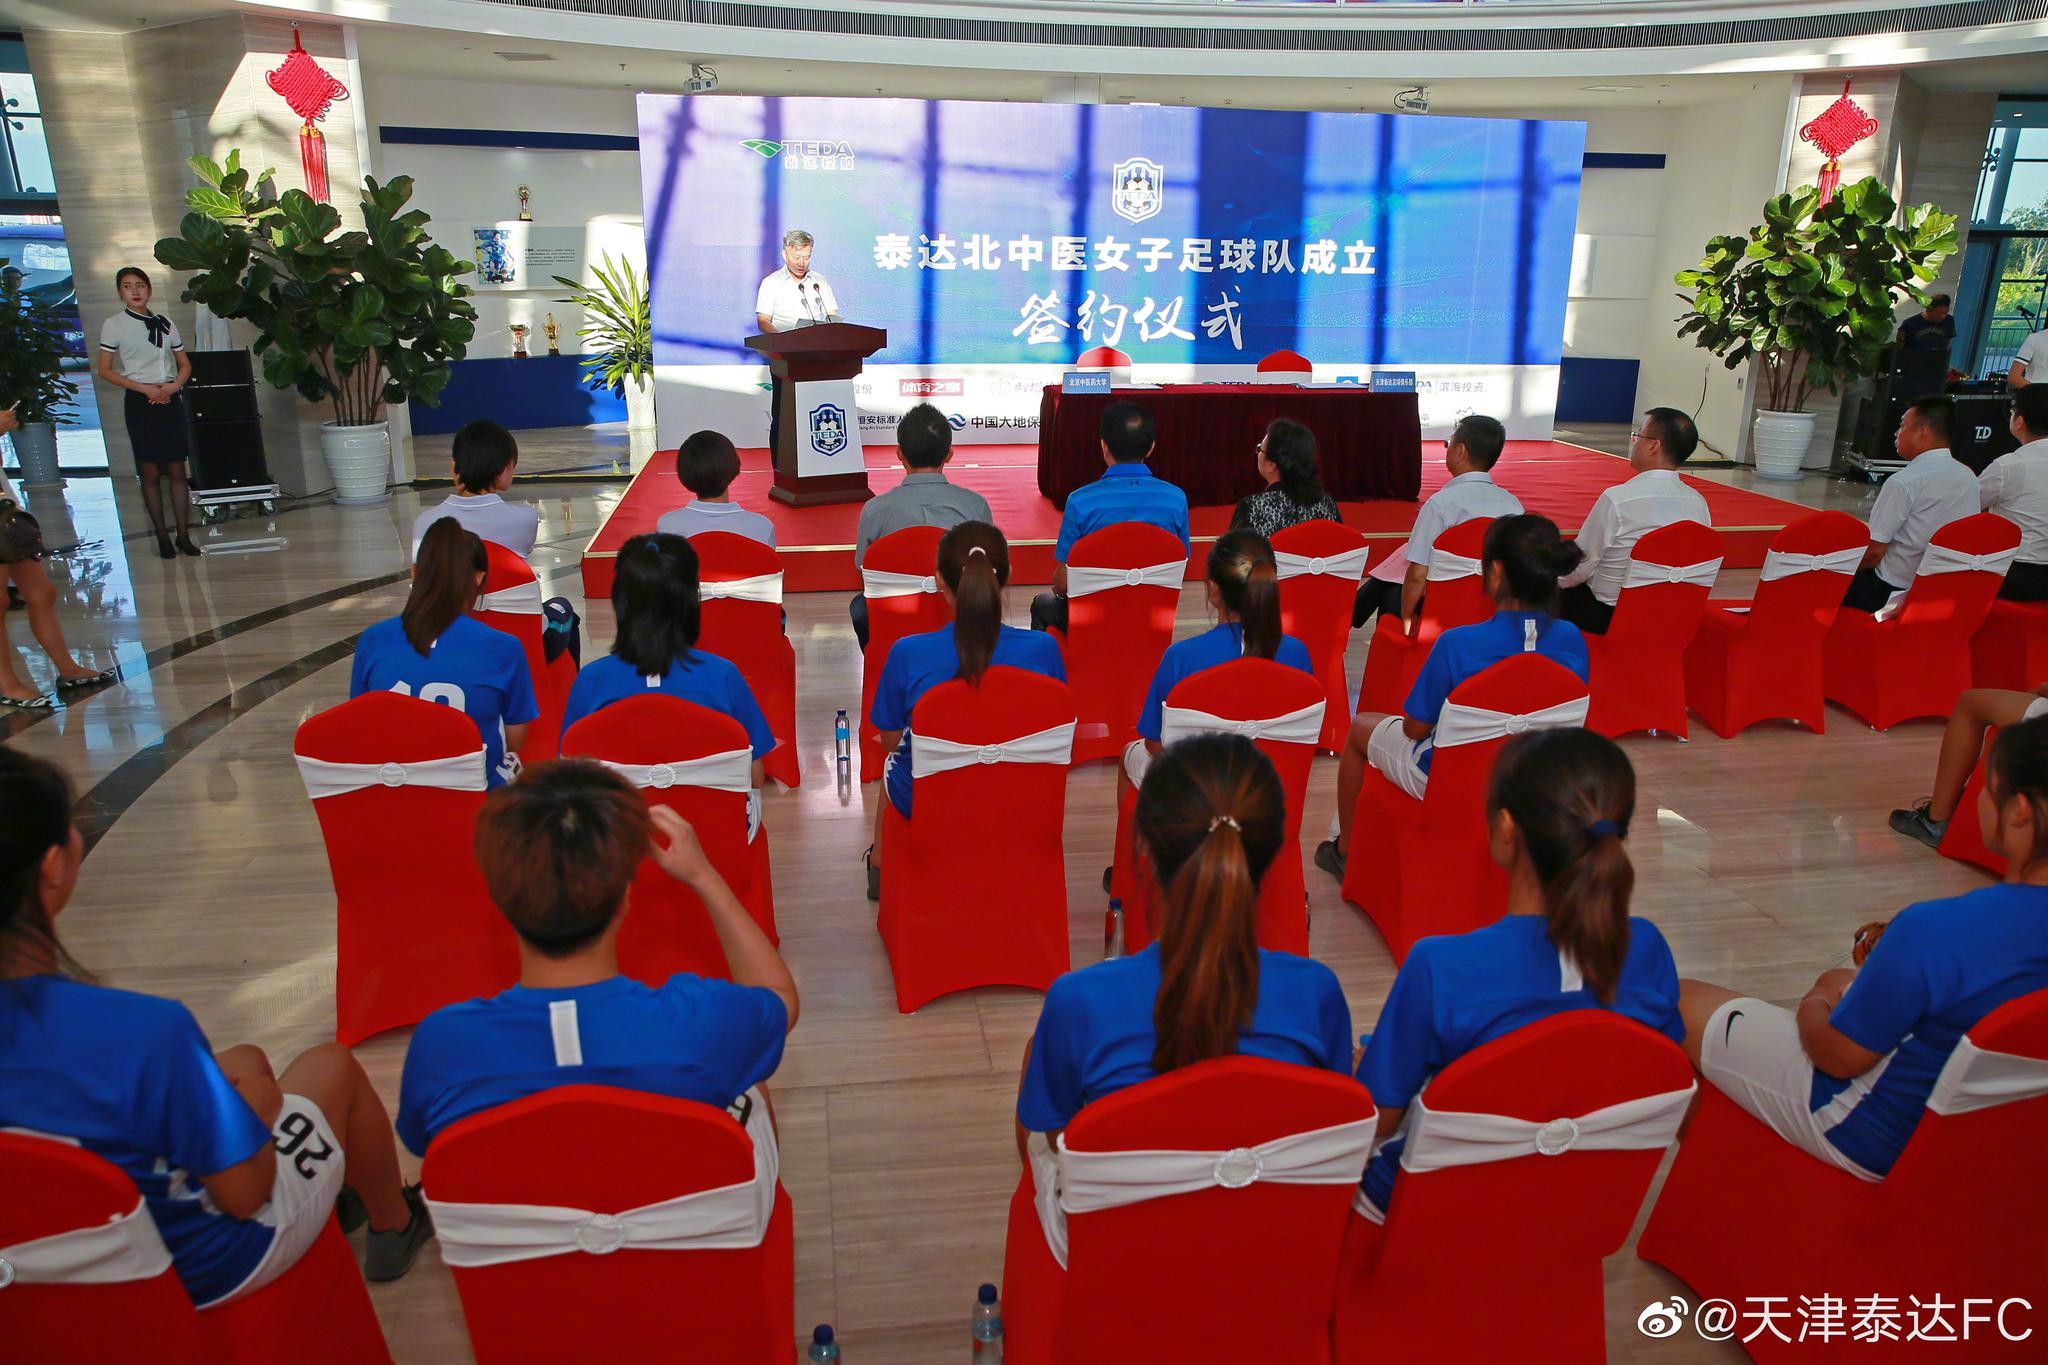 天津泰达足球俱乐部有限公司与北京中医药大学合作成立泰达北中医女子